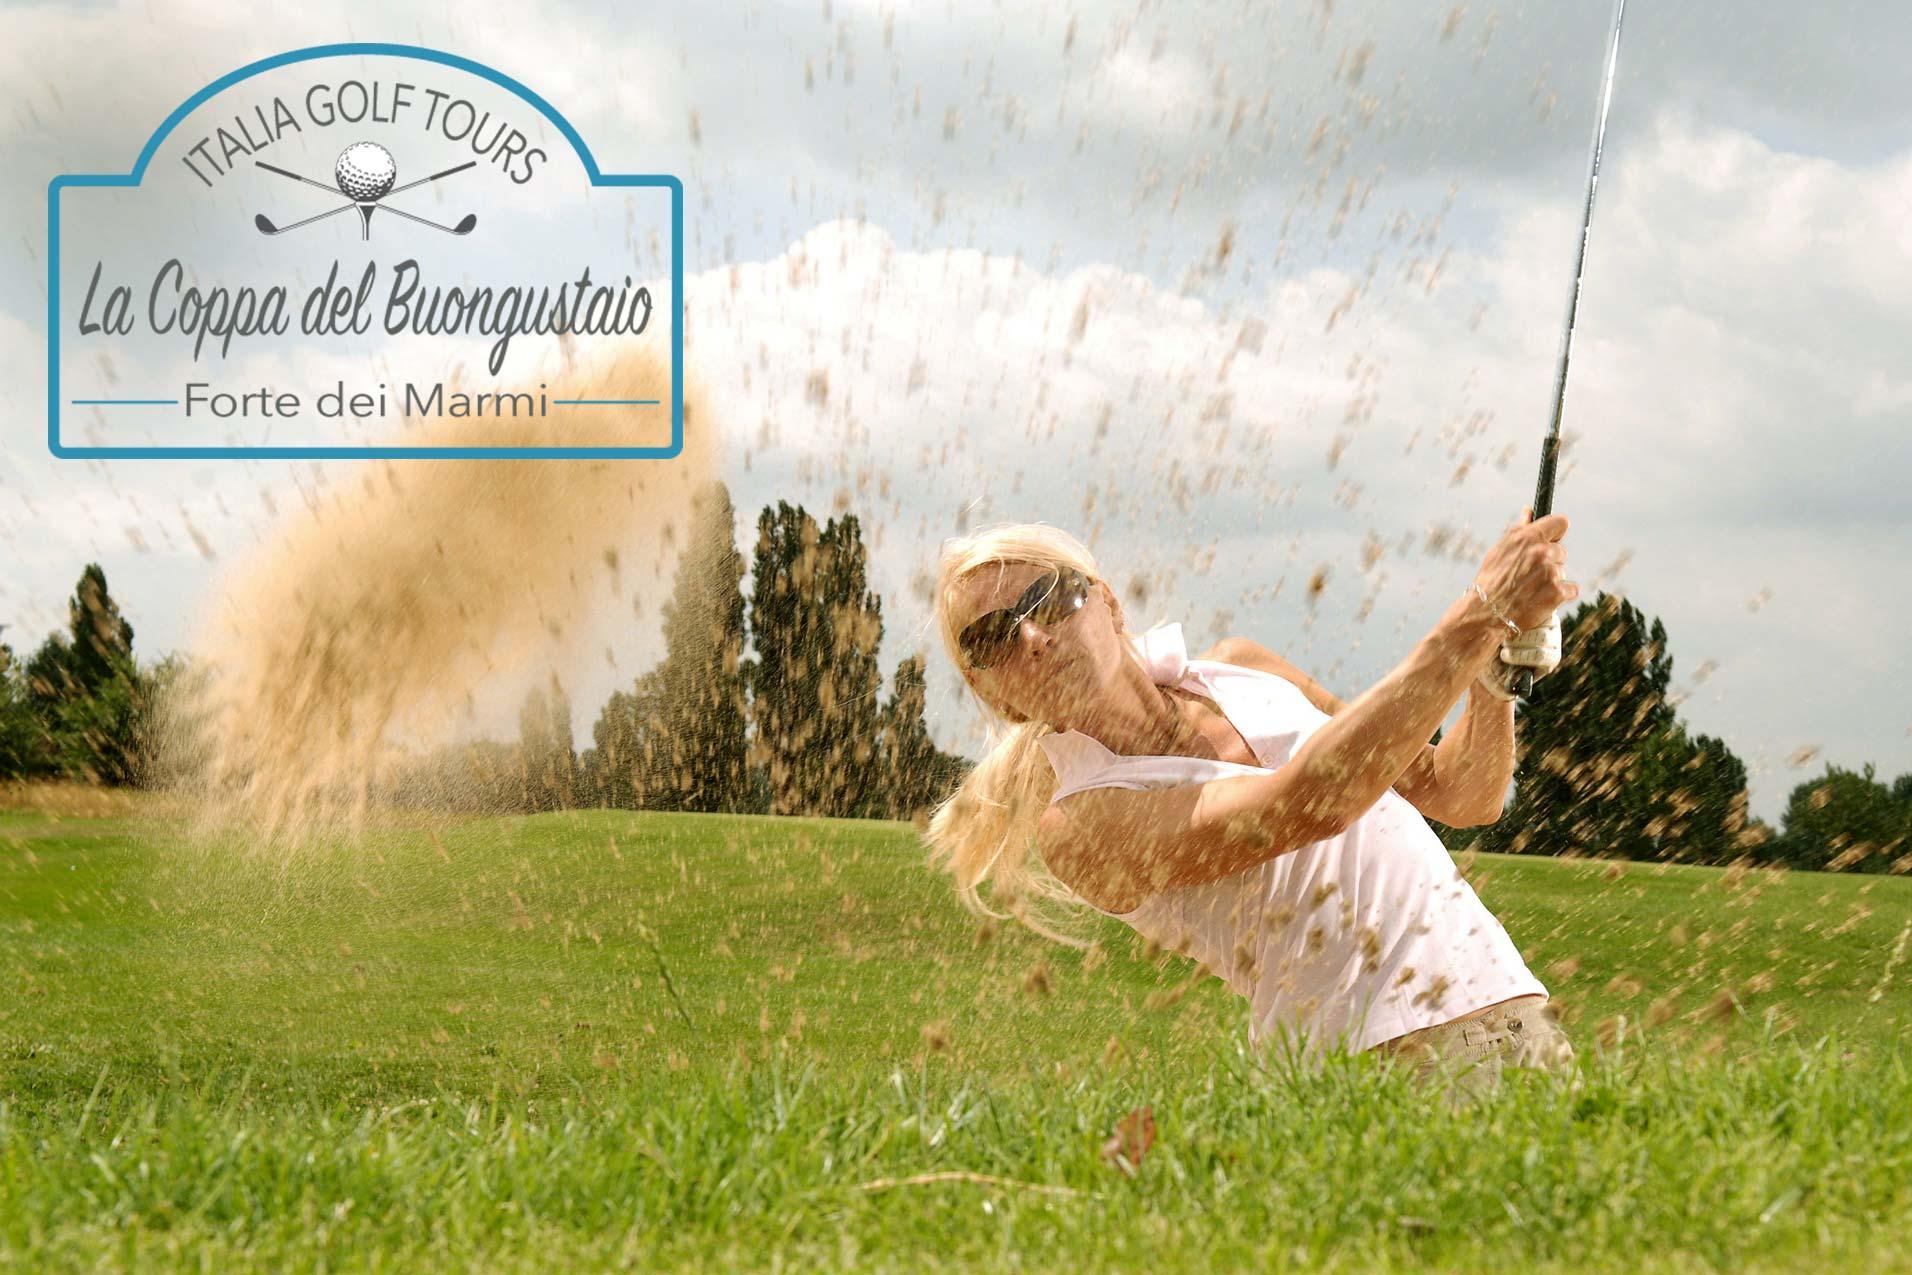 Erlebnisreise rund um das Thema Golf & Gourmet